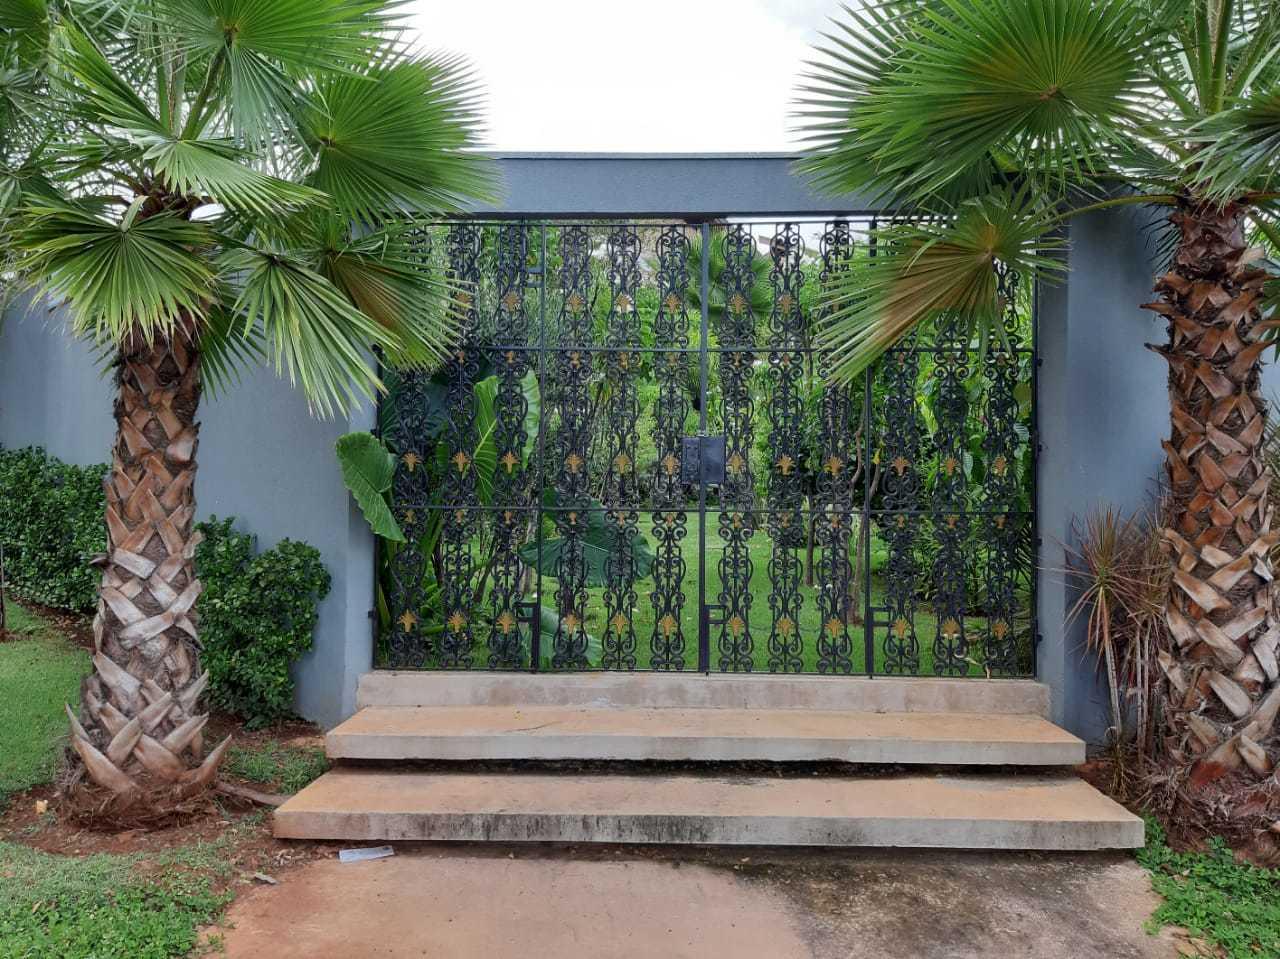 """Portão antigo que veio de São Paulo dá o tom de """"oasis"""" à entrada do terreno-jardim (Foto: Raul Delvizio)"""